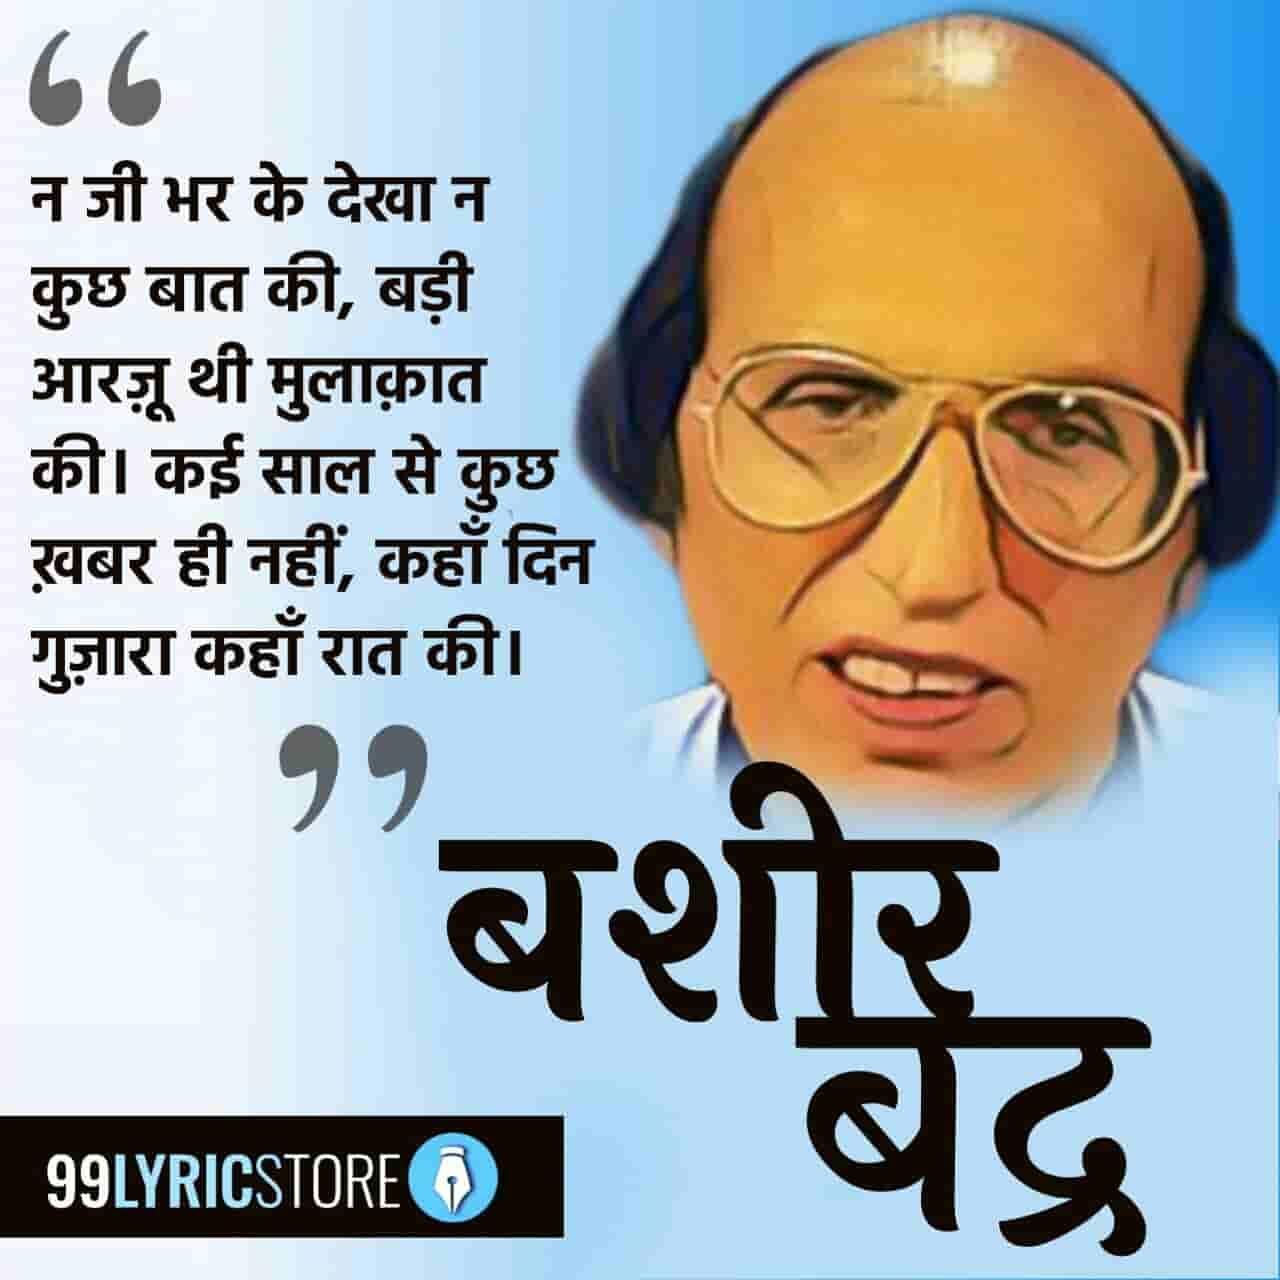 This beautiful ghazal 'Na Jee Bhar Ke Dekha Na Kuch Baat Ki' has written by Bashir Badr.